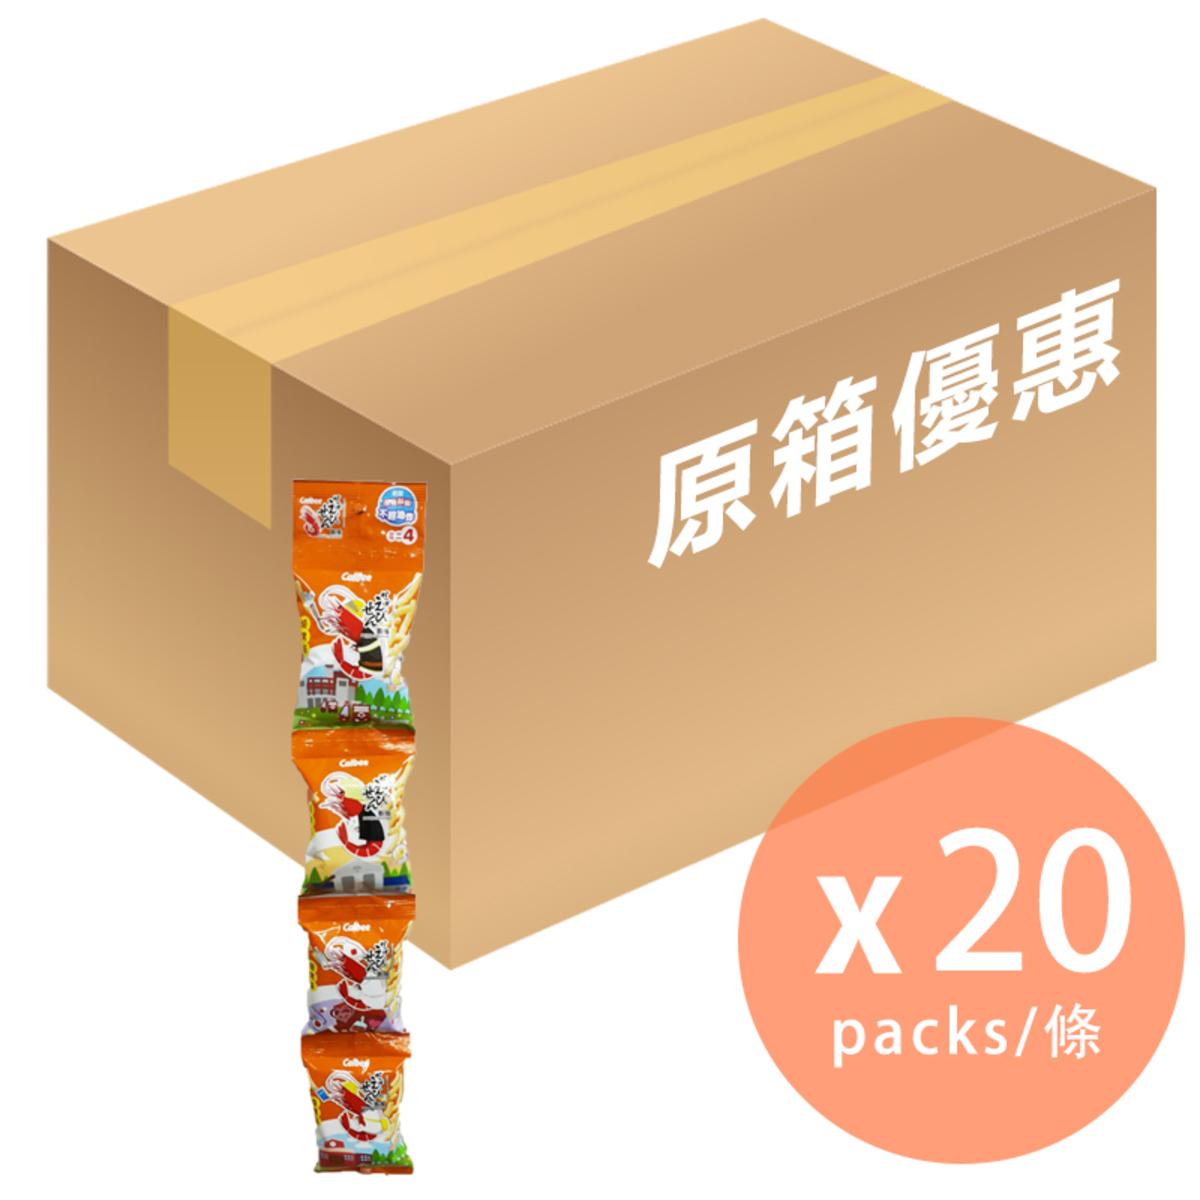 [原箱] 燒烤BBQ味蝦條4連包 - 56g x 20 (4892294102234_20)